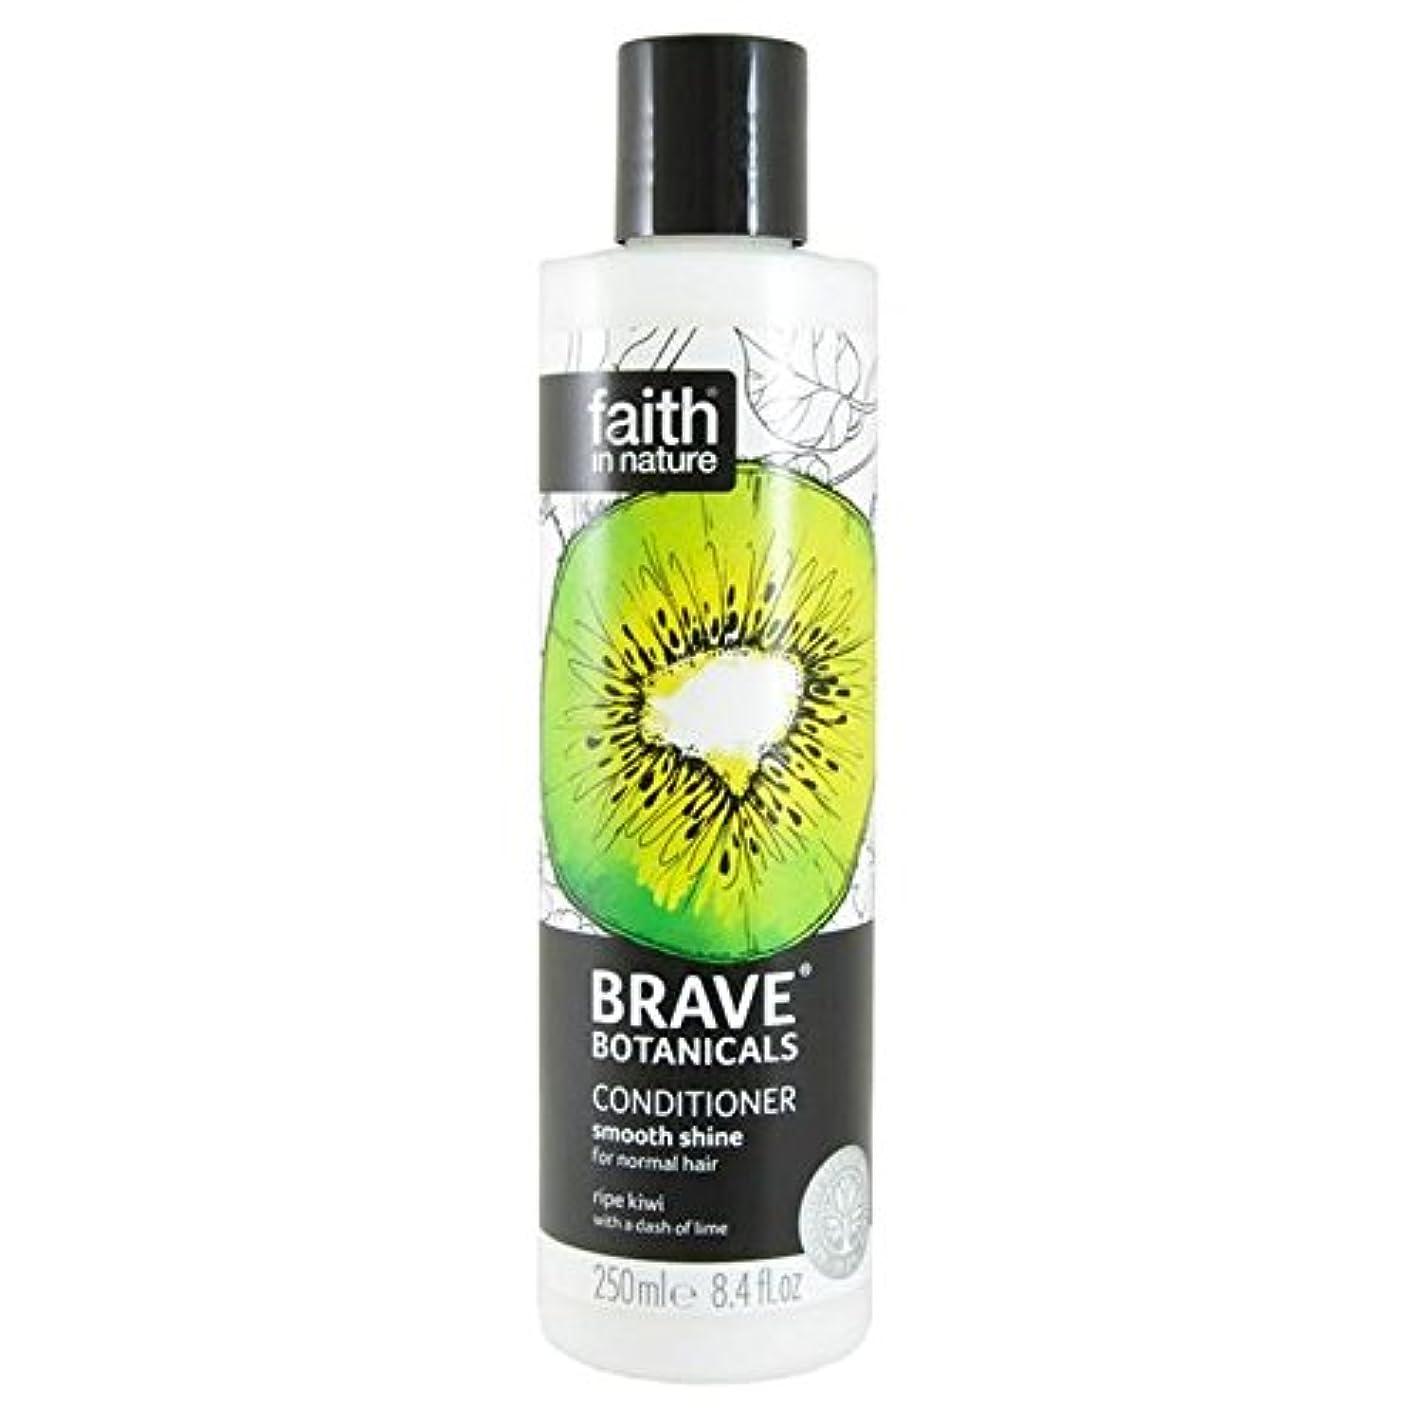 コマンド石炭柱Brave Botanicals Kiwi & Lime Smooth Shine Conditioner 250ml (Pack of 2) - (Faith In Nature) 勇敢な植物キウイ&ライムなめらかな輝...